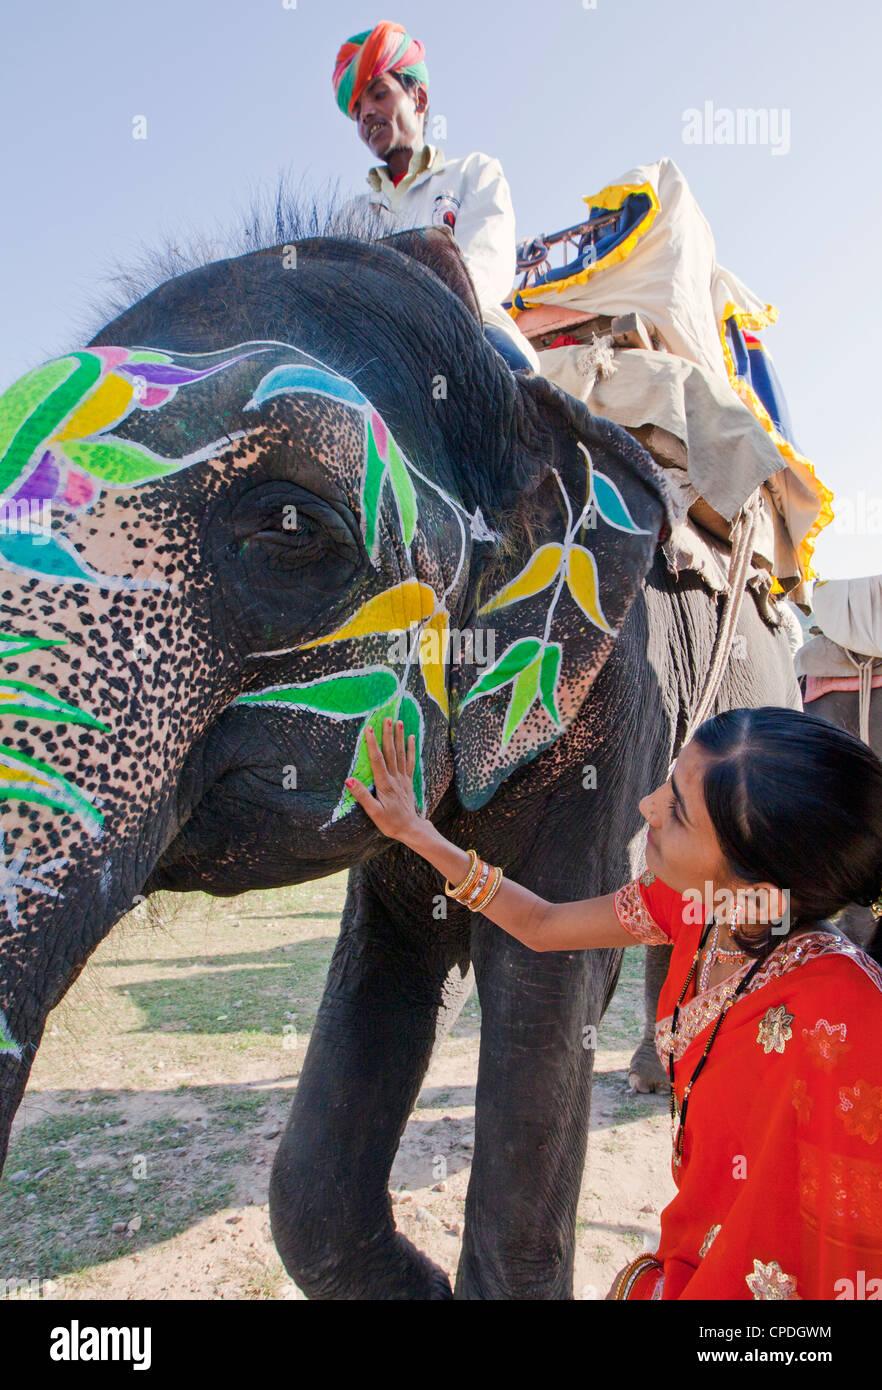 Frau im bunten Sari mit einem gemalten zeremonielle Elefanten in Jaipur, Rajasthan, Indien, Asien Stockbild